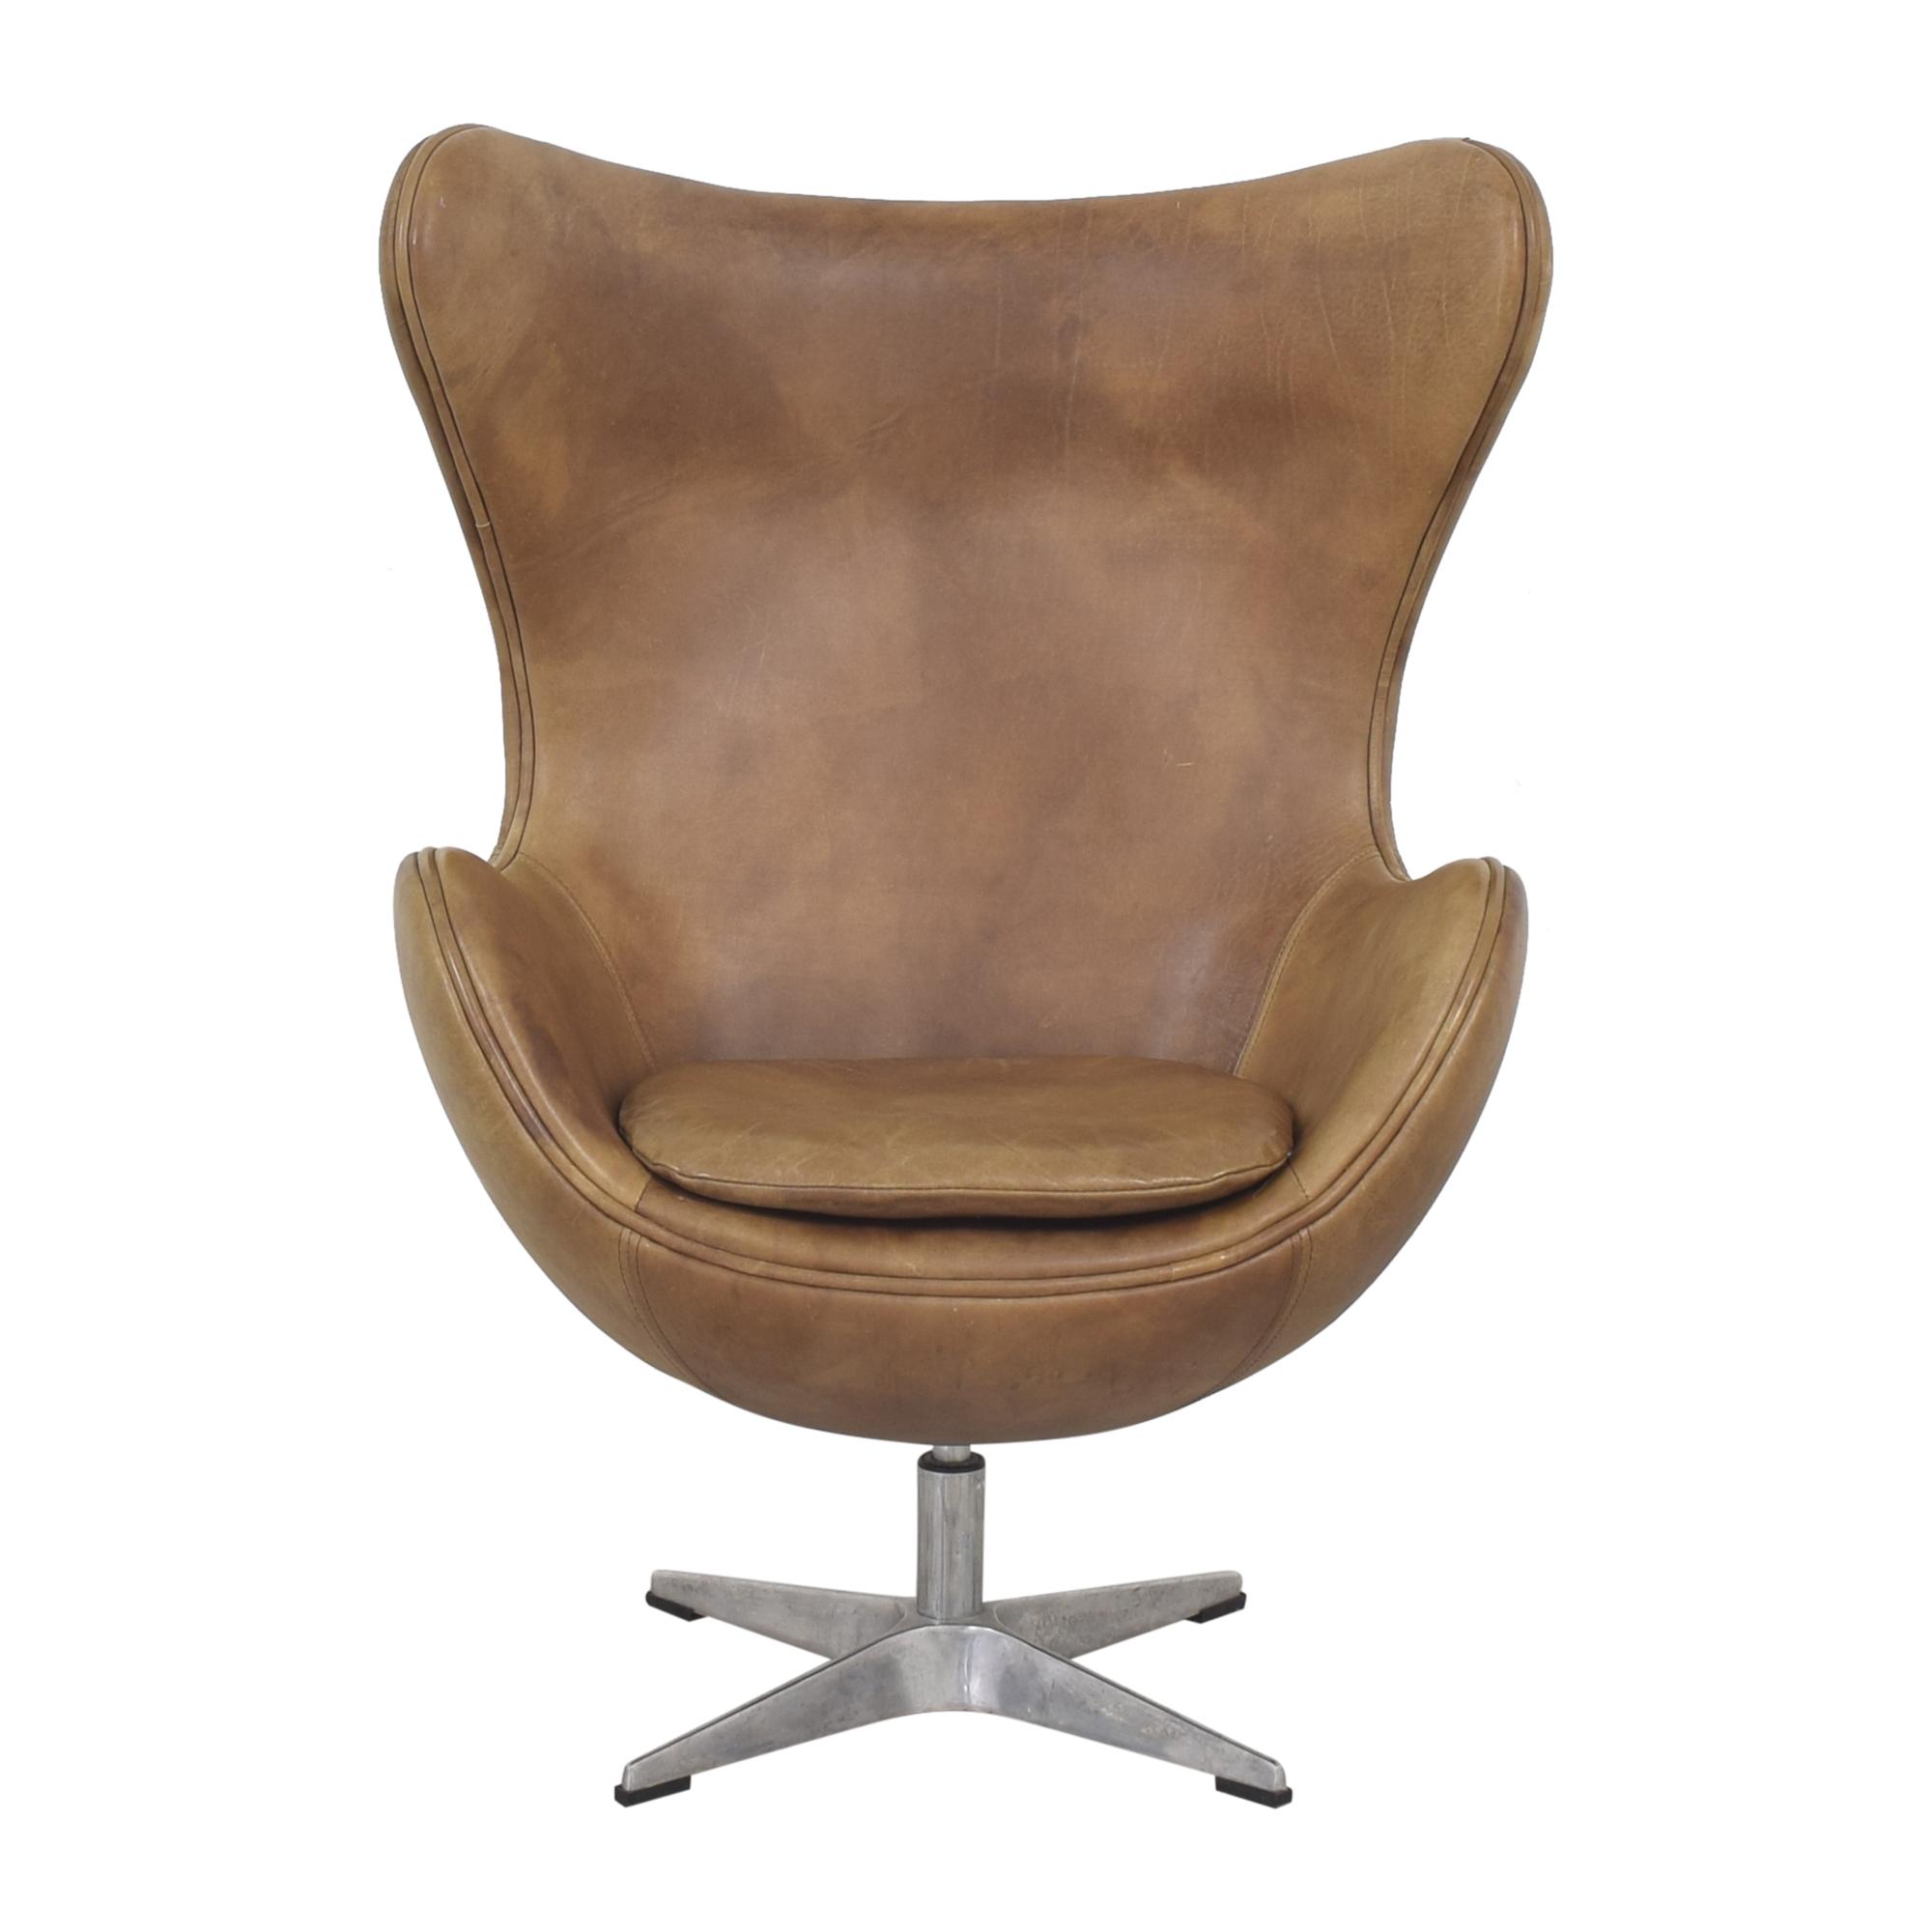 Restoration Hardware Restoration Hardware 1950s Copenhagen Chair ma